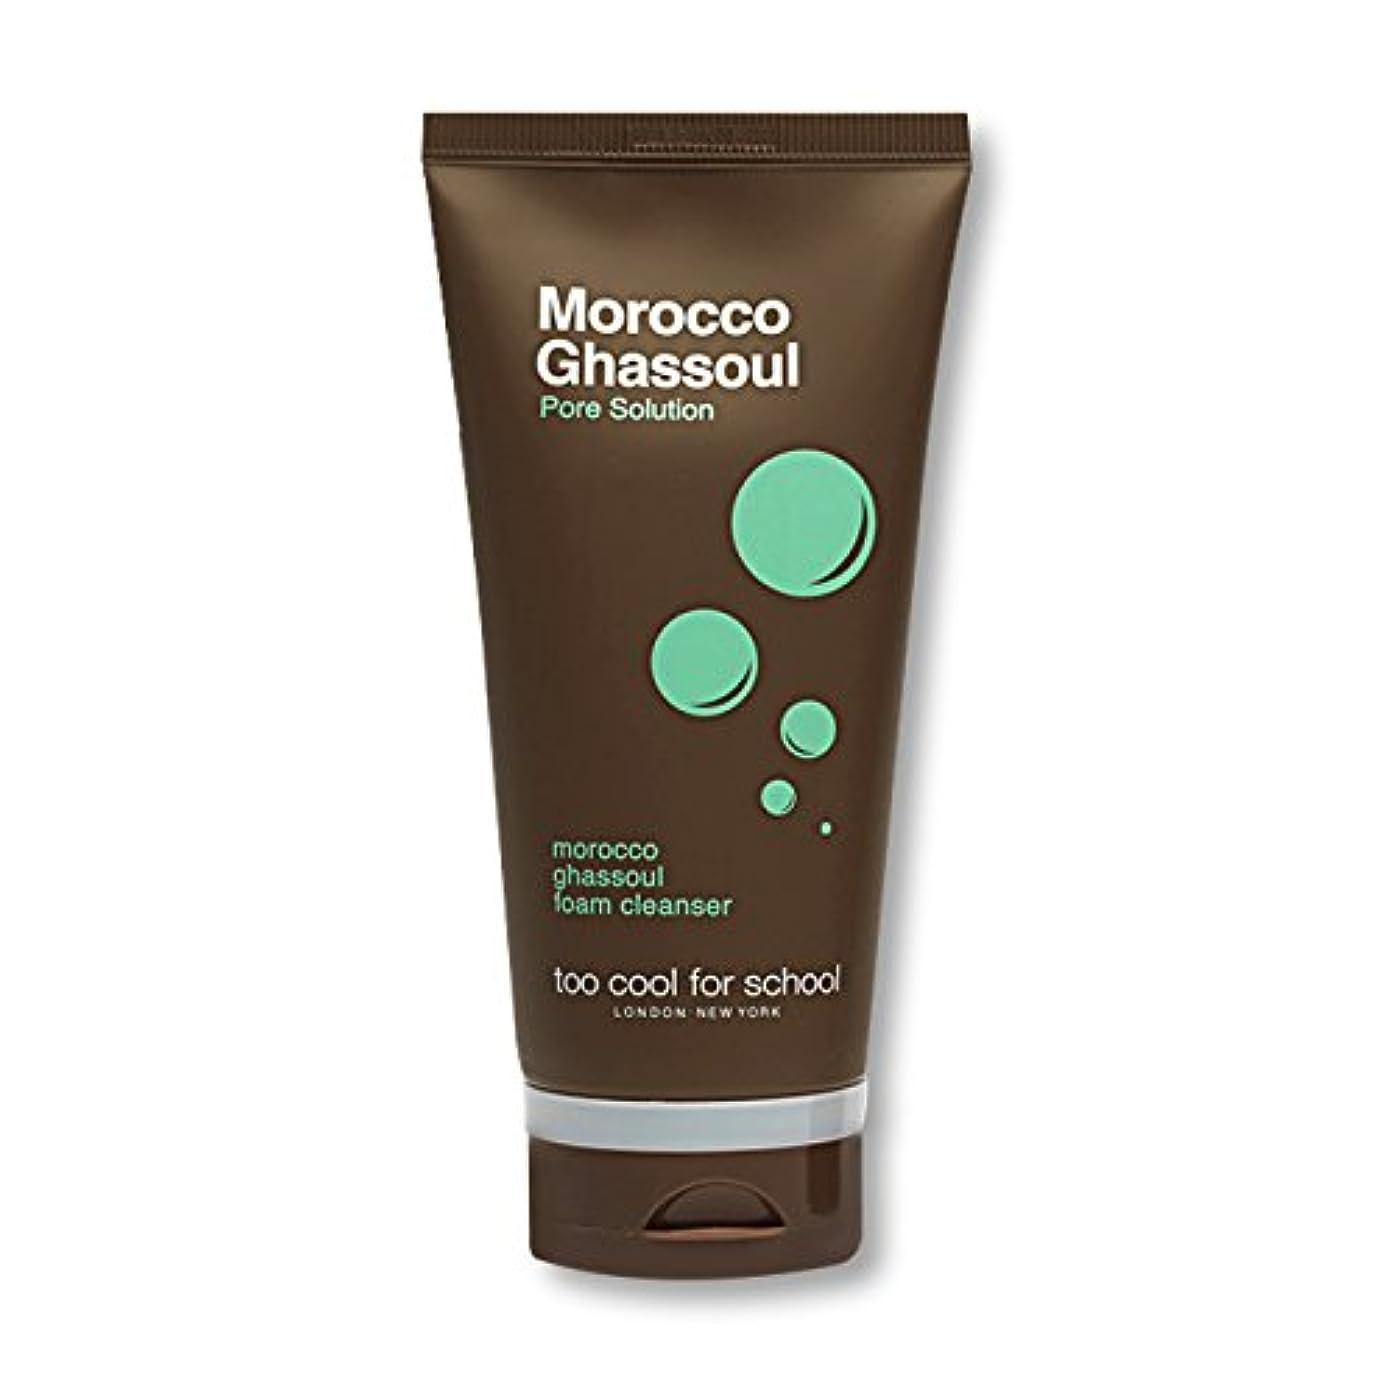 クリップ先見の明議題too cool for school(トゥークールフォースクール)モロッコ ガスール フォーム クレンザー(MOROCCO GHASSOUL FOAM CLEANSER)150g